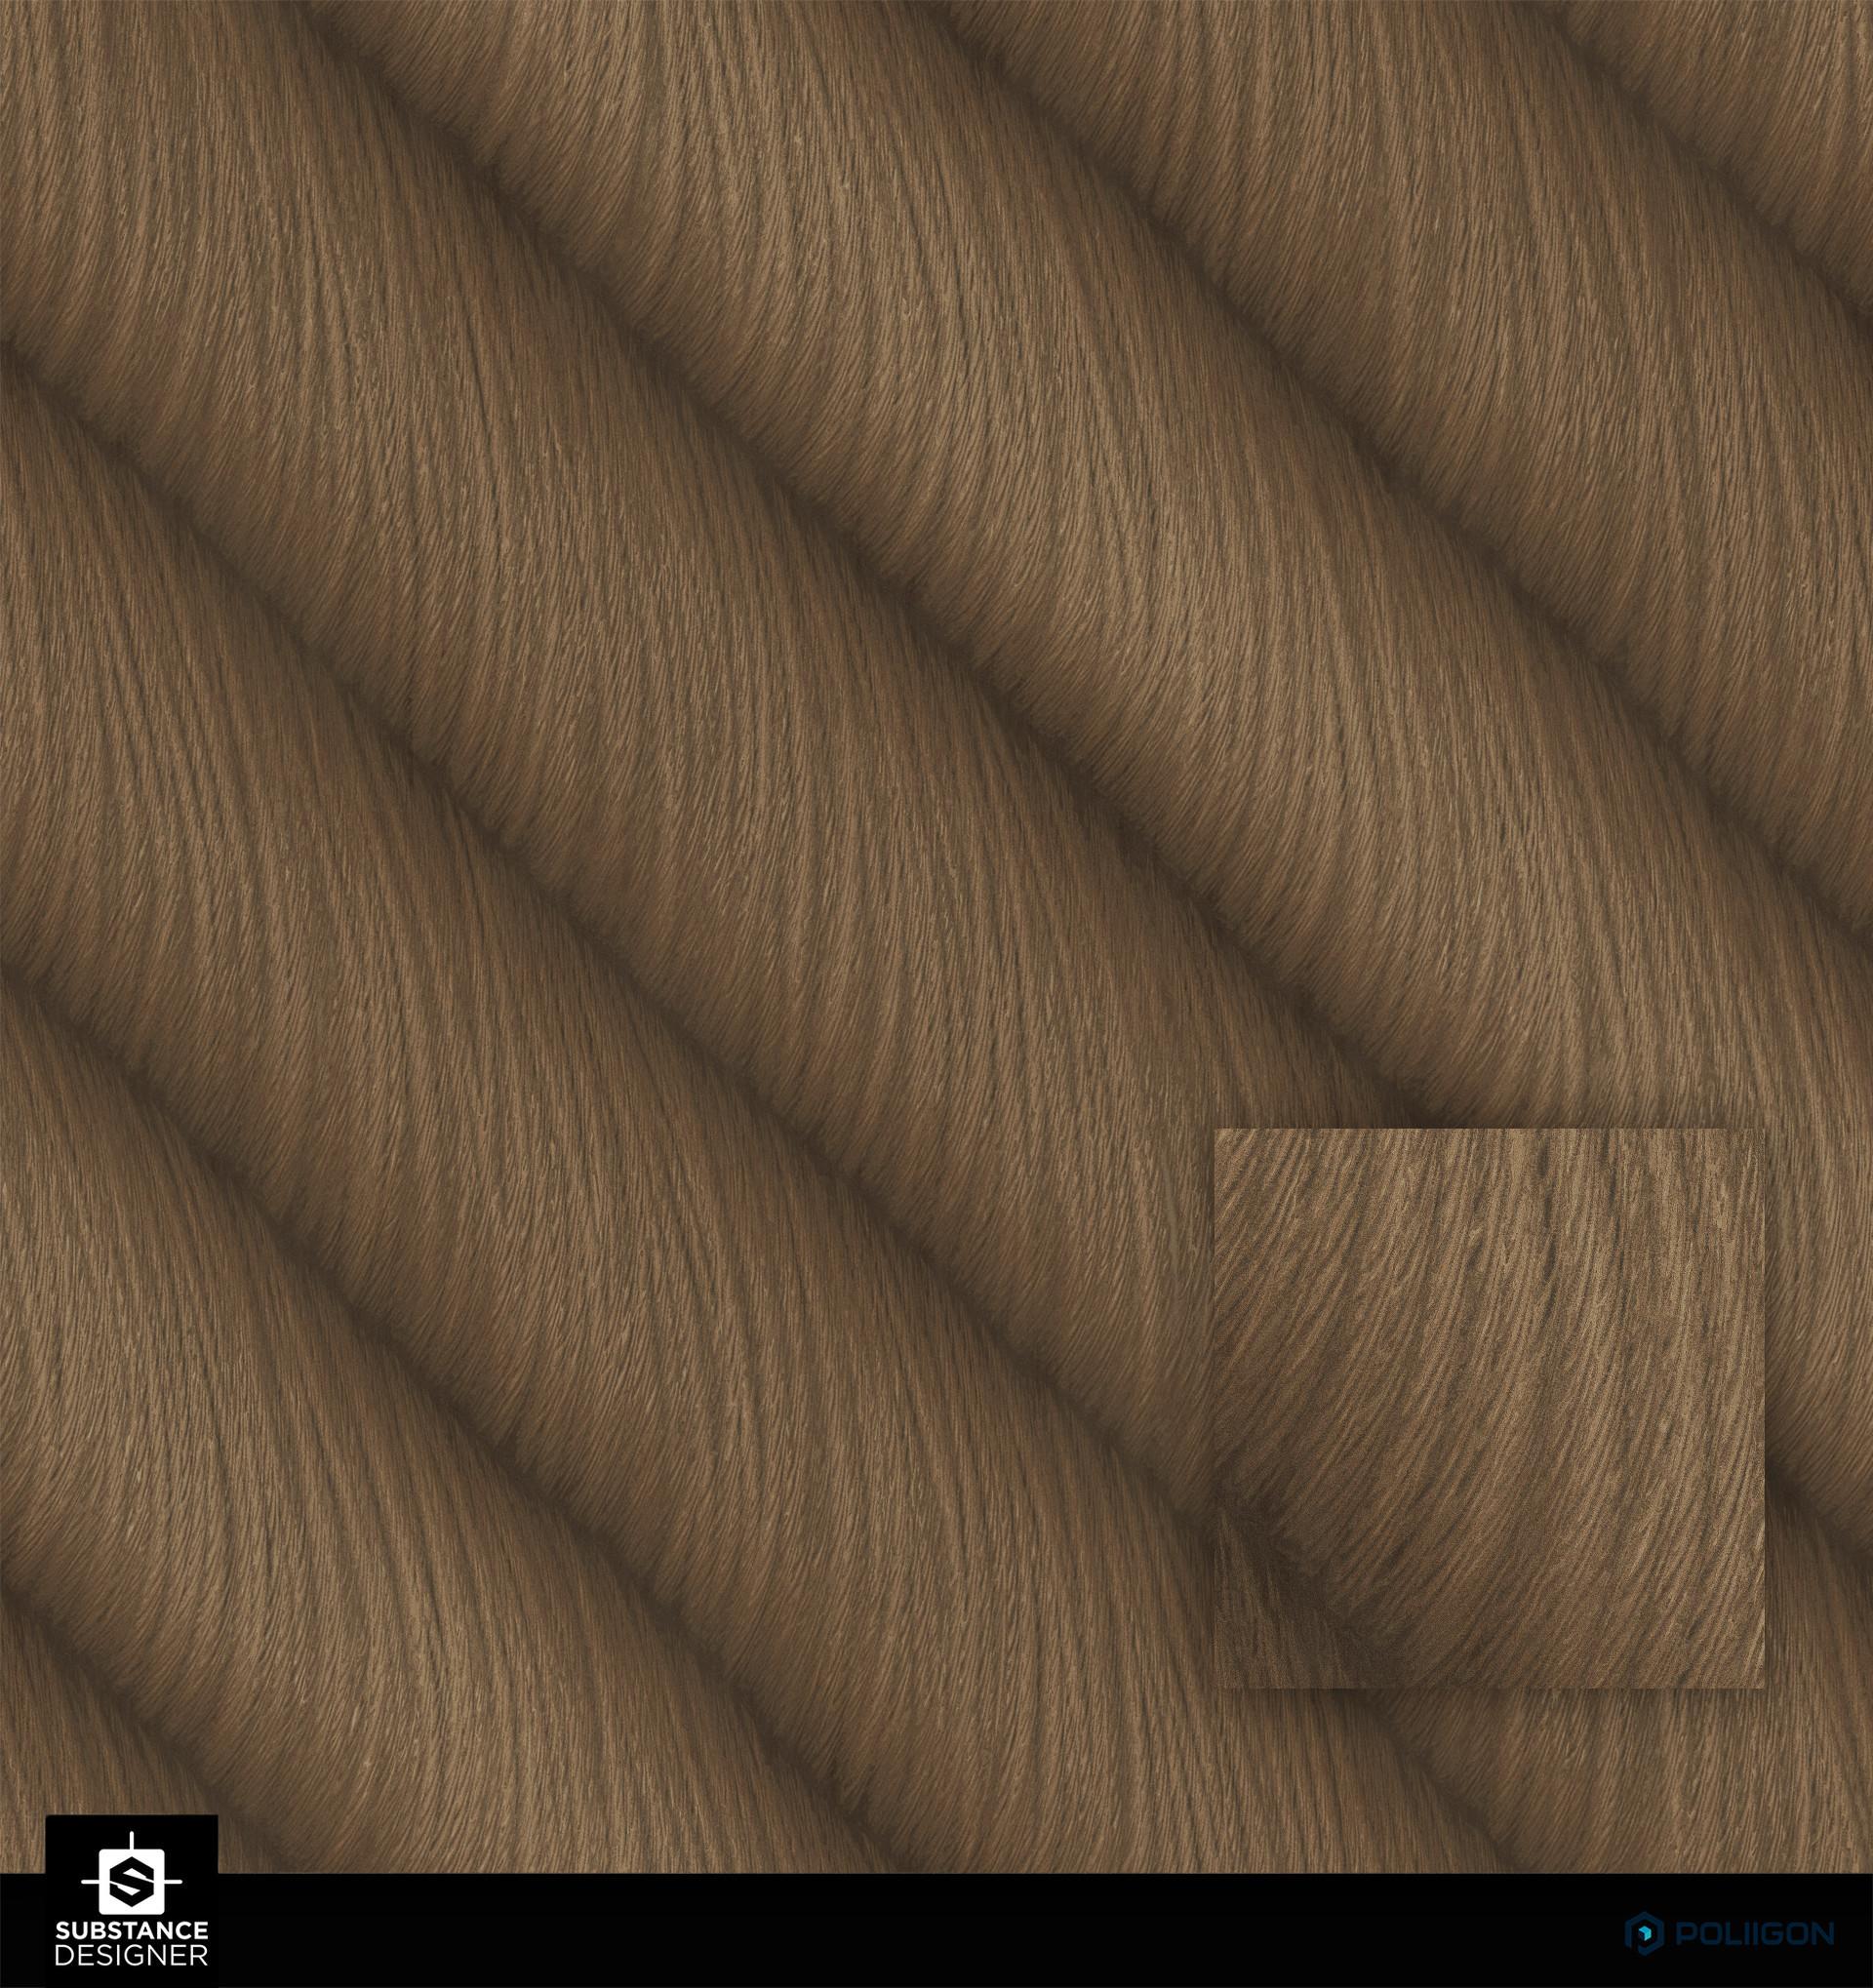 Guilherme henrique rope sheet